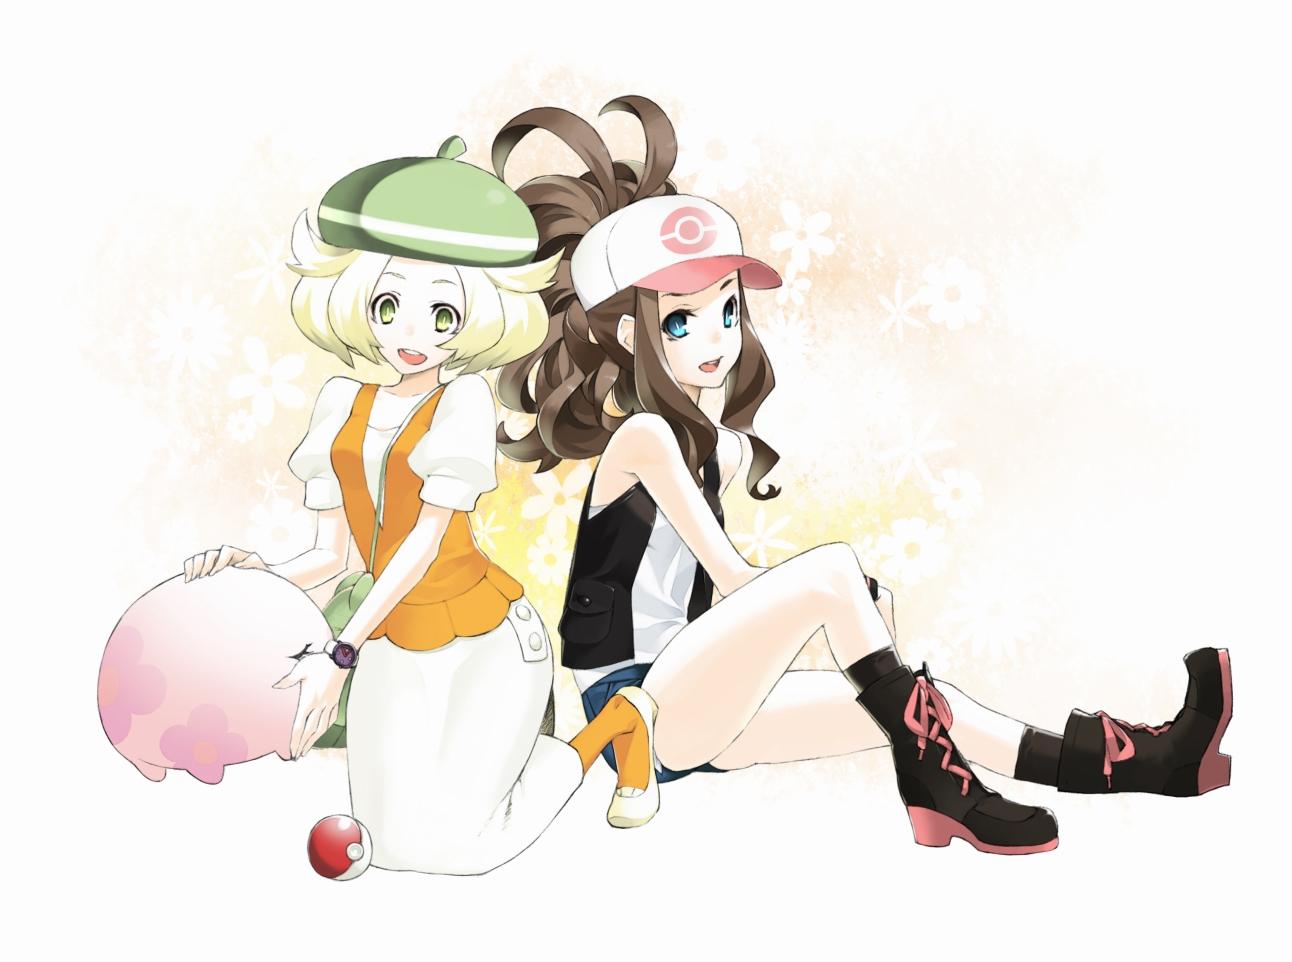 92m bel_(pokemon) blonde_hair blue_eyes boots brown_hair green_eyes hat munna pokemon touko_(pokemon)